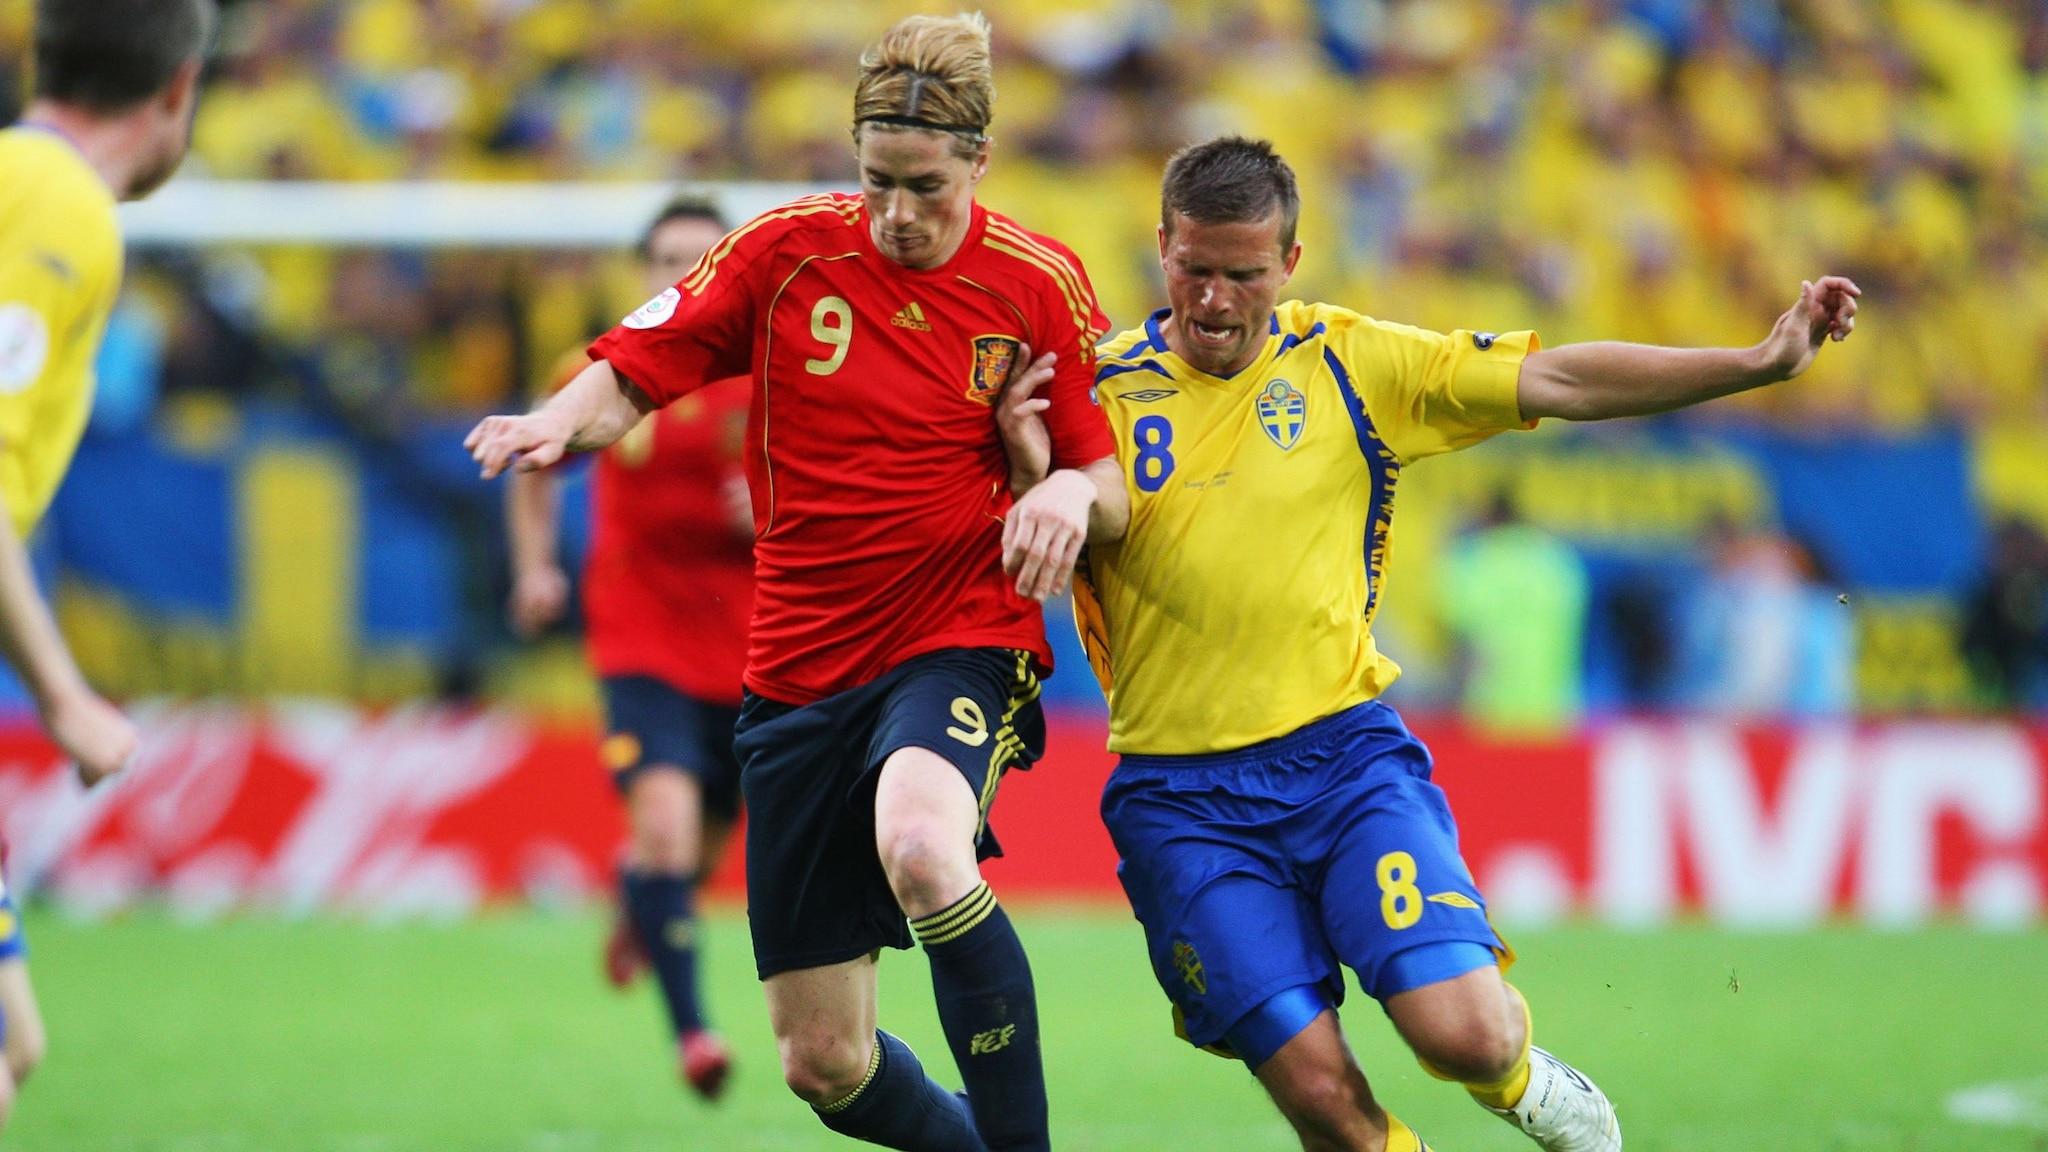 Испания футбол видео 2008